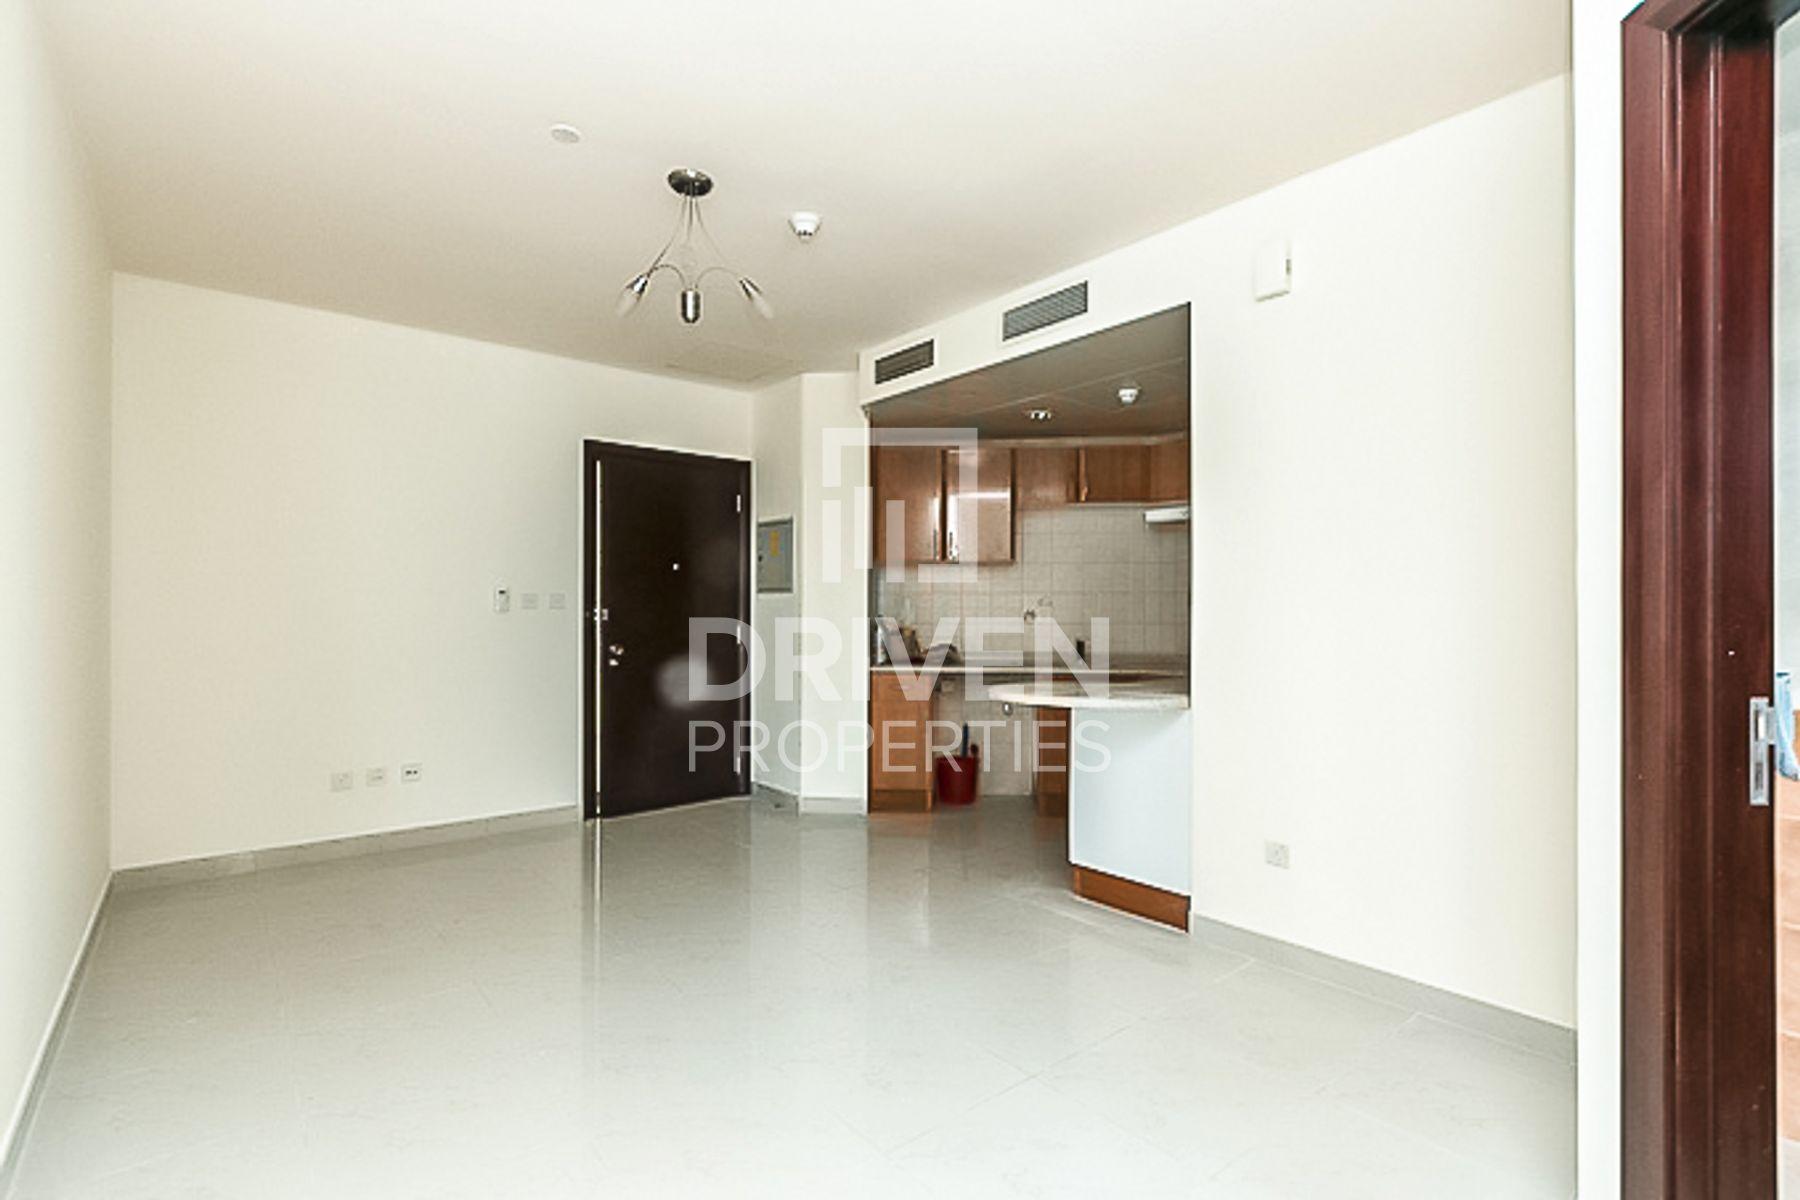 Studio for Sale in New Dubai Gate 1 - Jumeirah Lake Towers